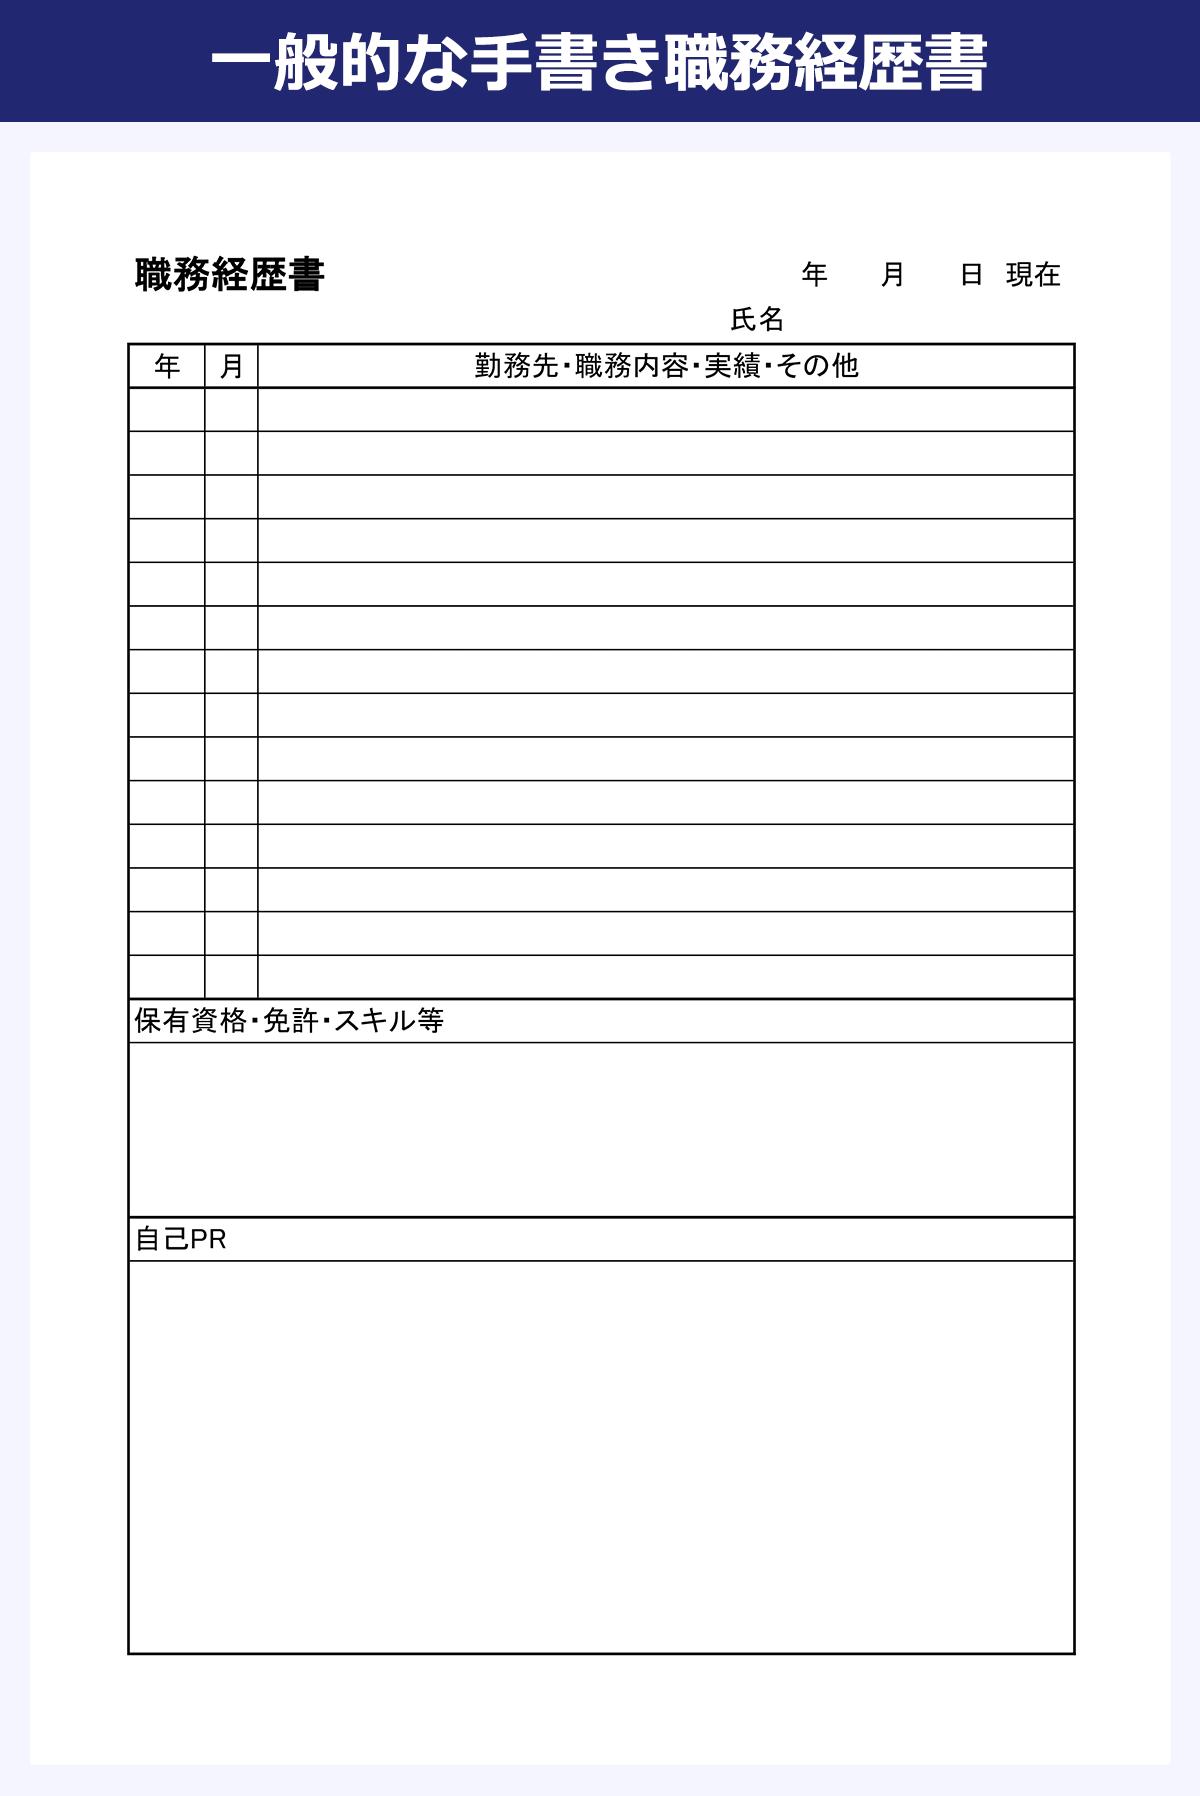 【一般的な手書き職務経歴書のサンプル】